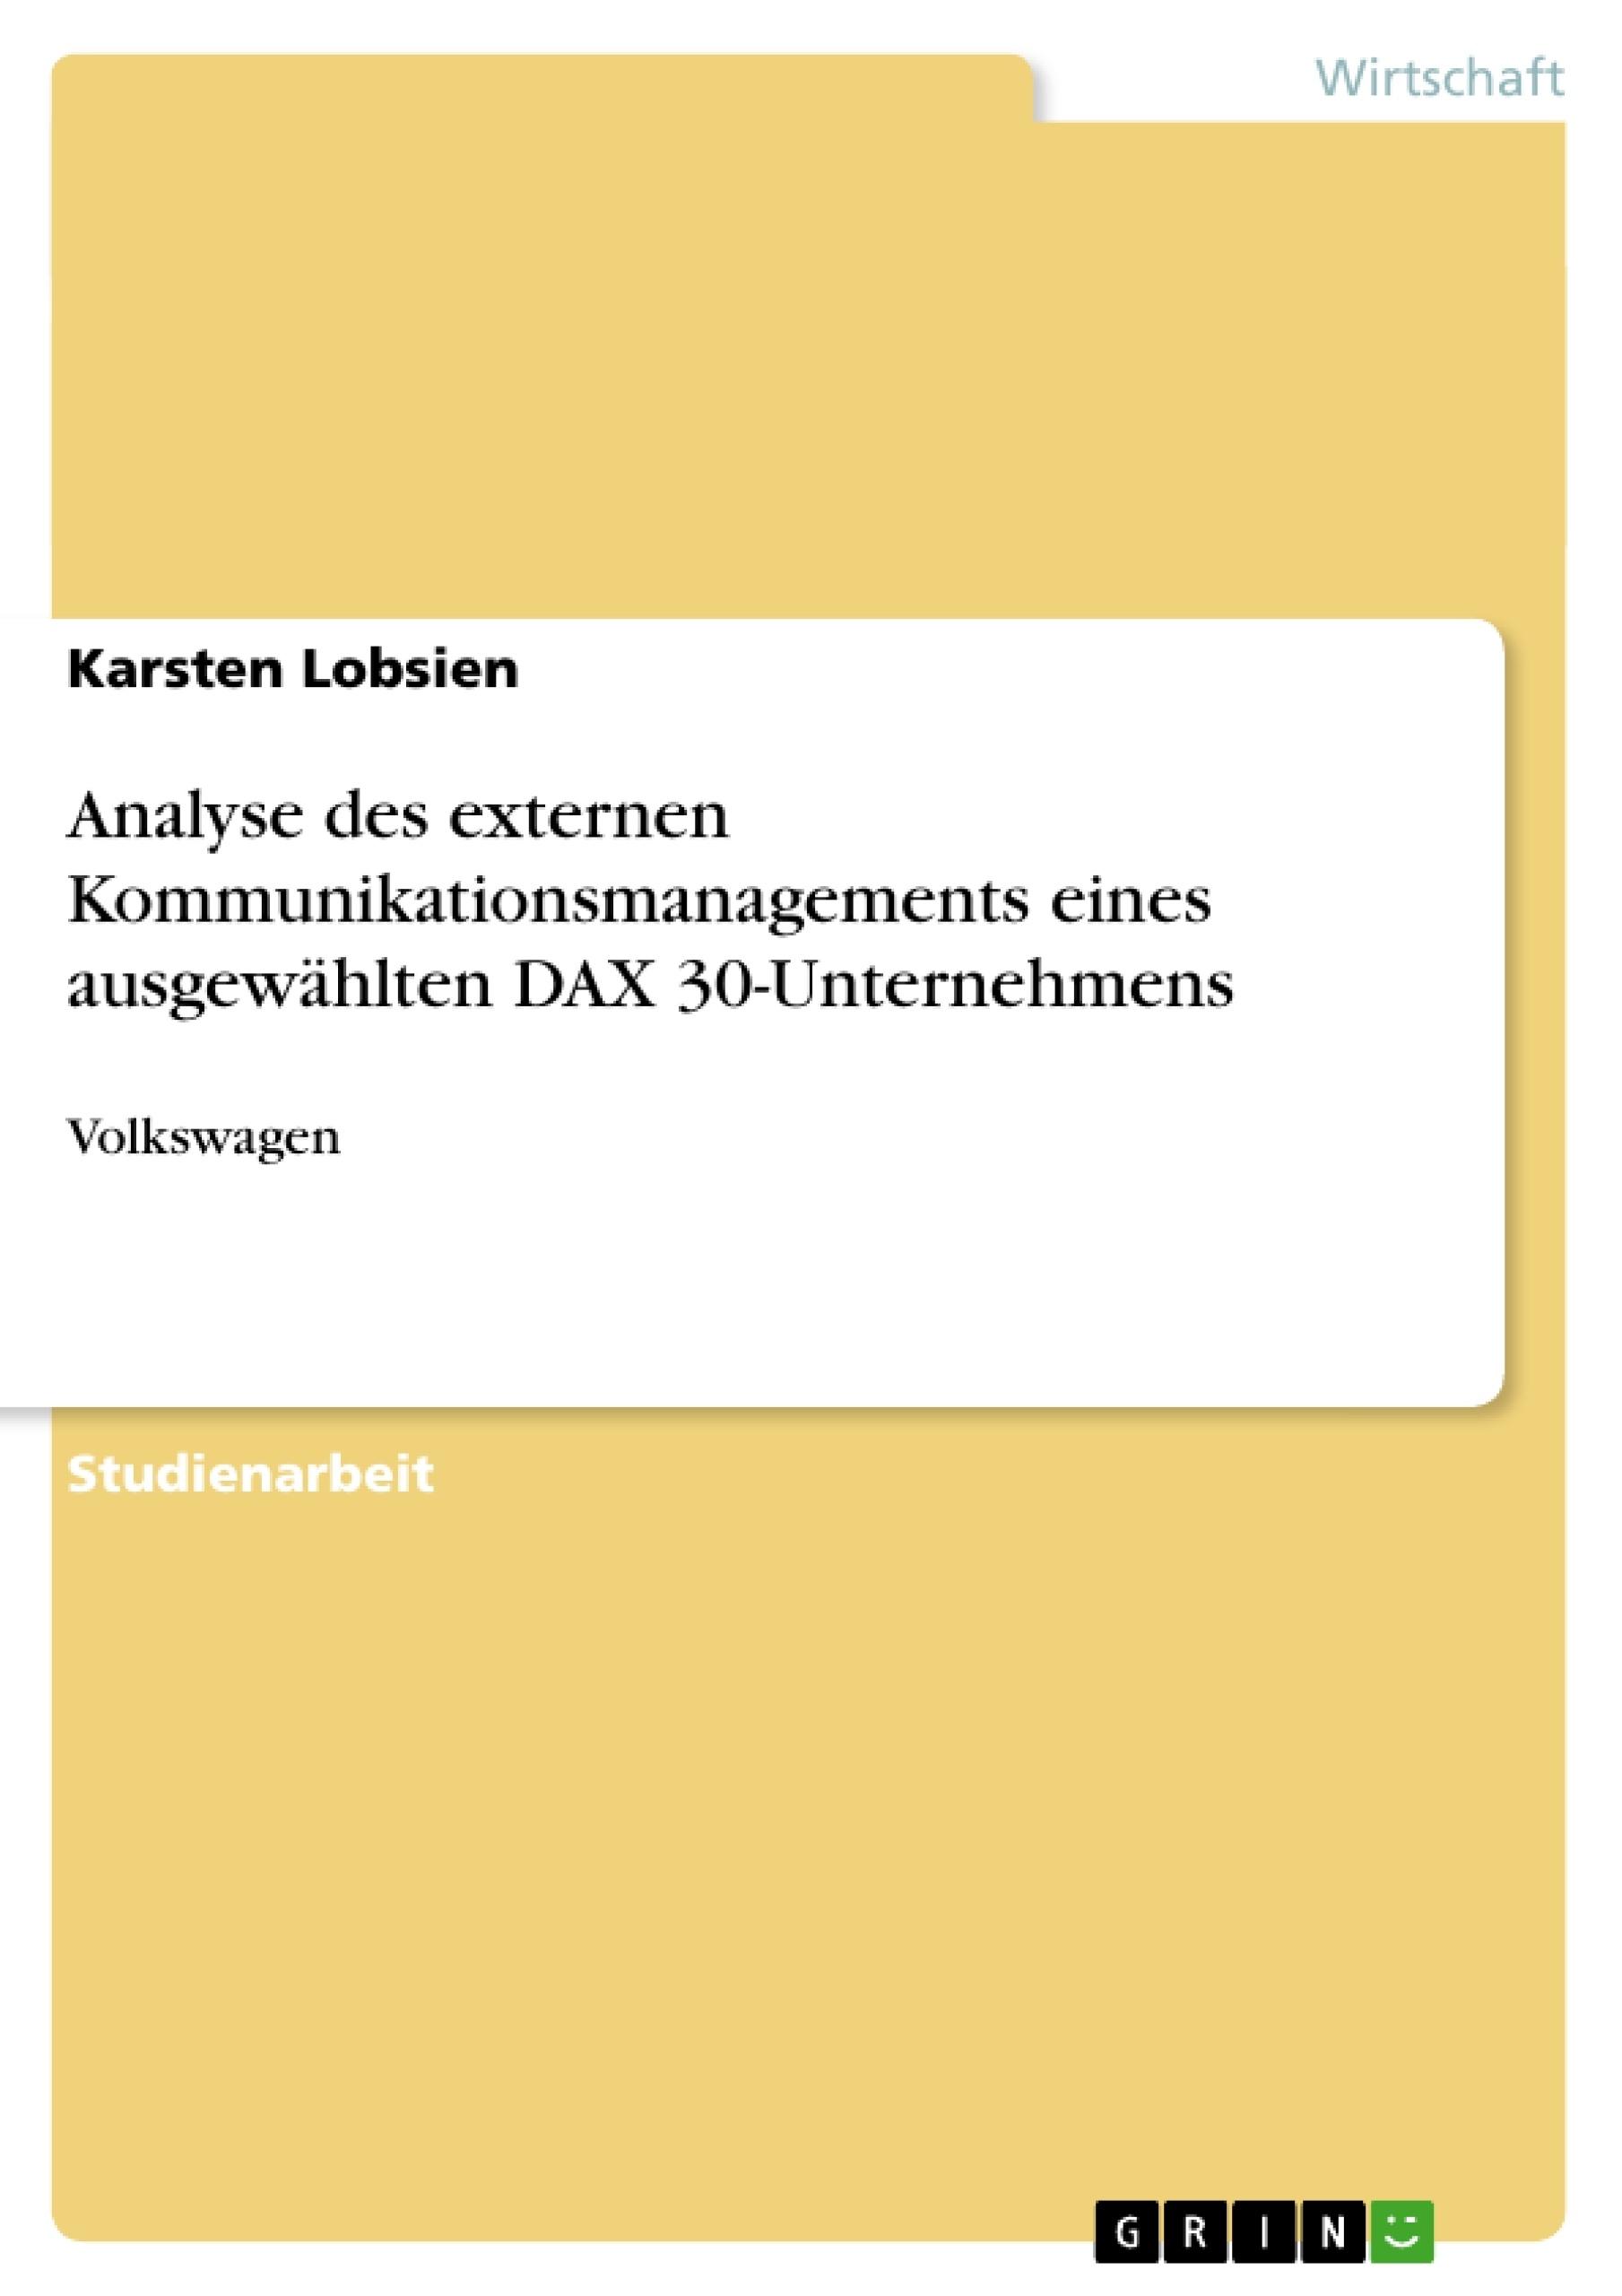 Titel: Analyse des externen Kommunikationsmanagements eines ausgewählten DAX 30-Unternehmens